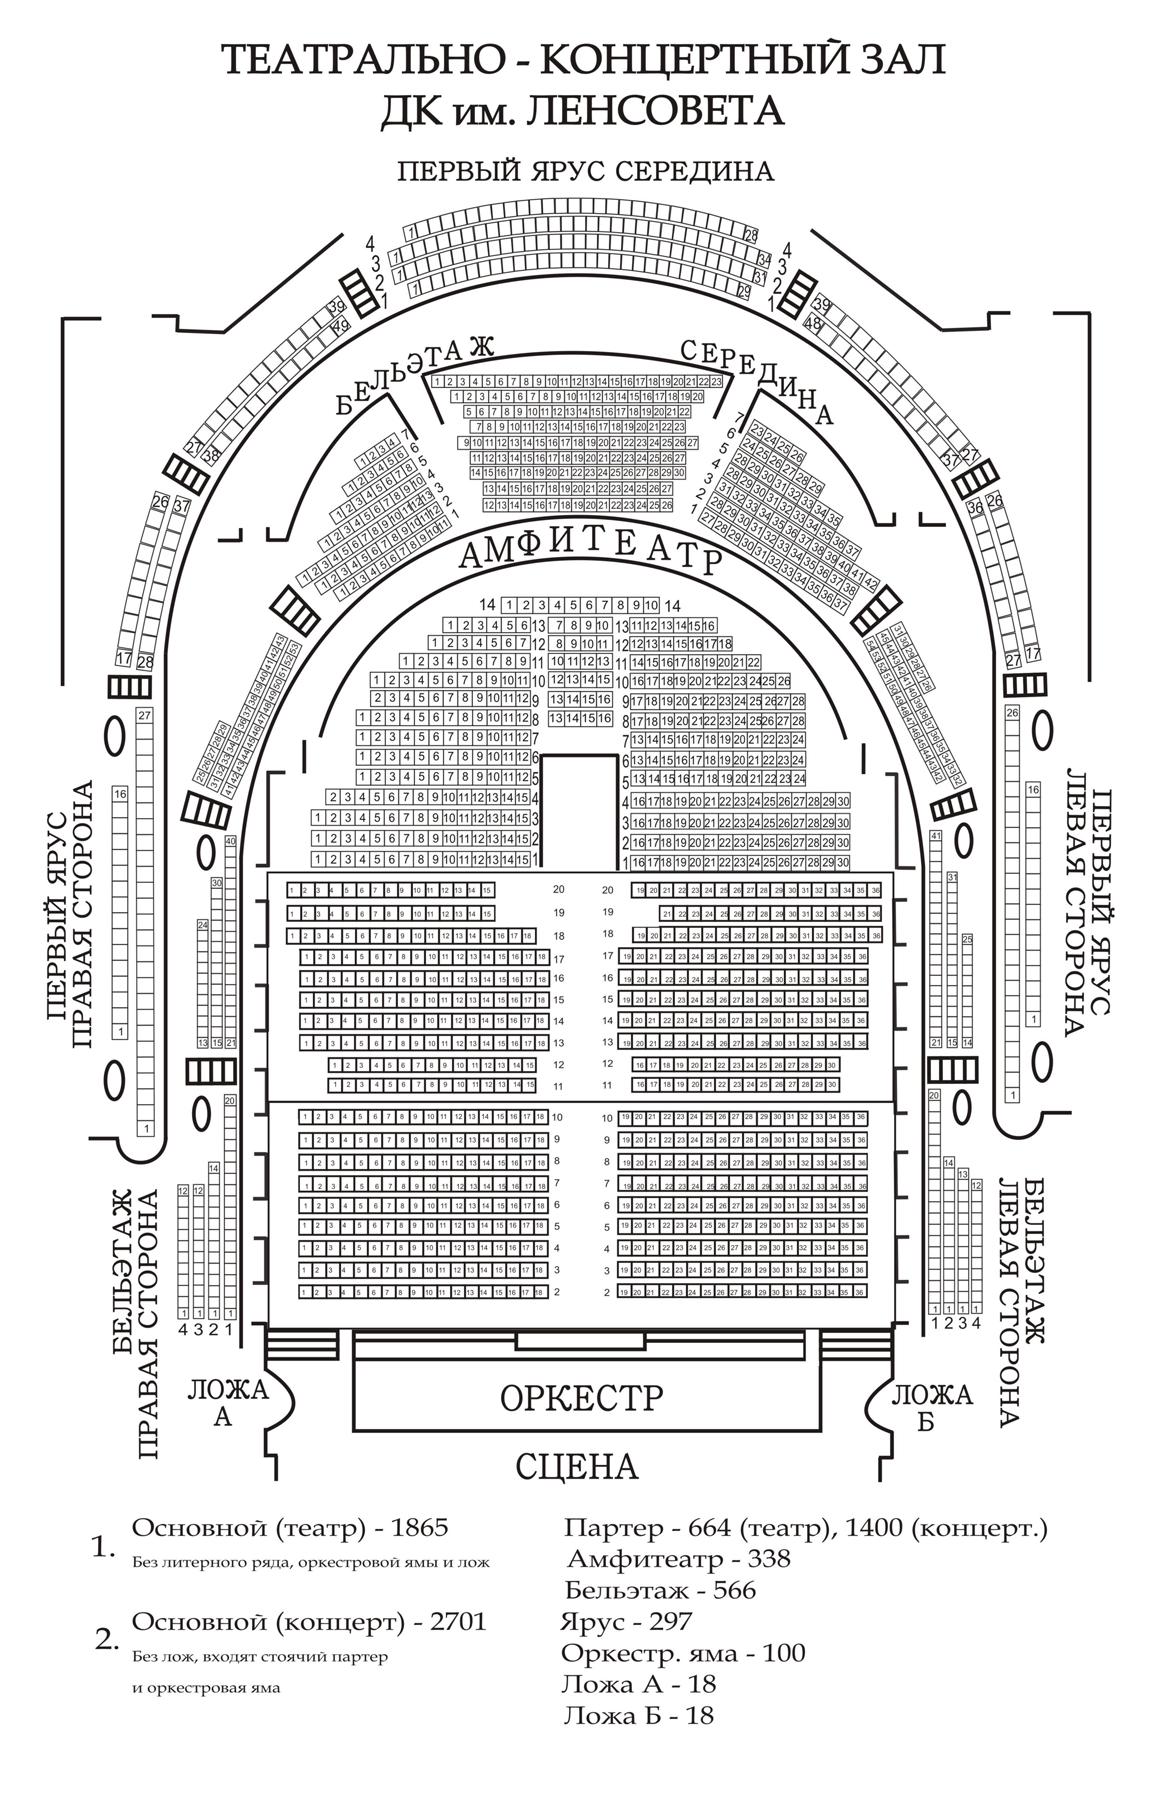 Схема зала ДК им. Ленсовета (Санкт-Петербург)